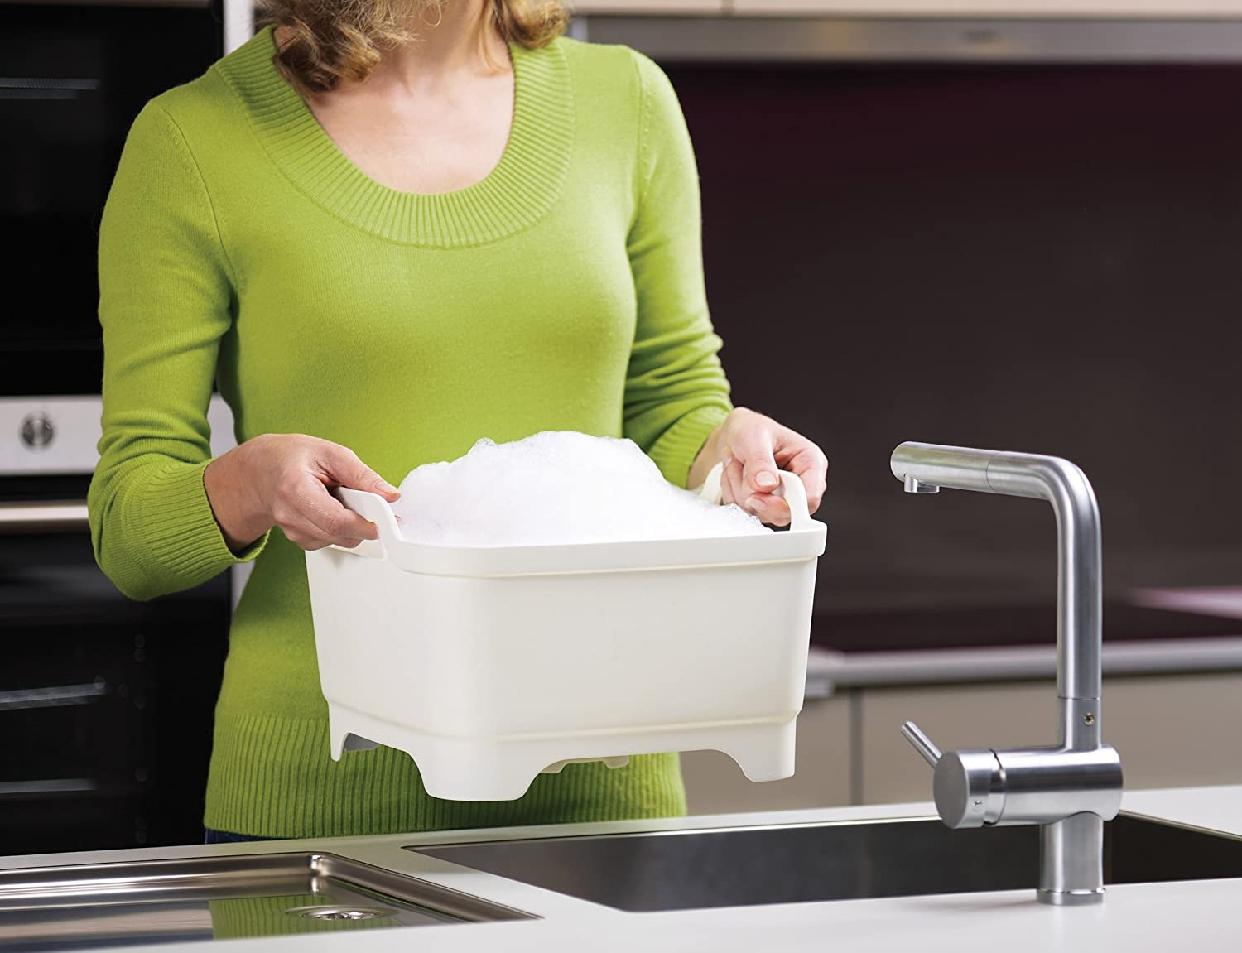 Joseph Joseph(ジョセフジョセフ) ウォッシュ&ドレイン / 洗い桶 ホワイト 850550の商品画像5